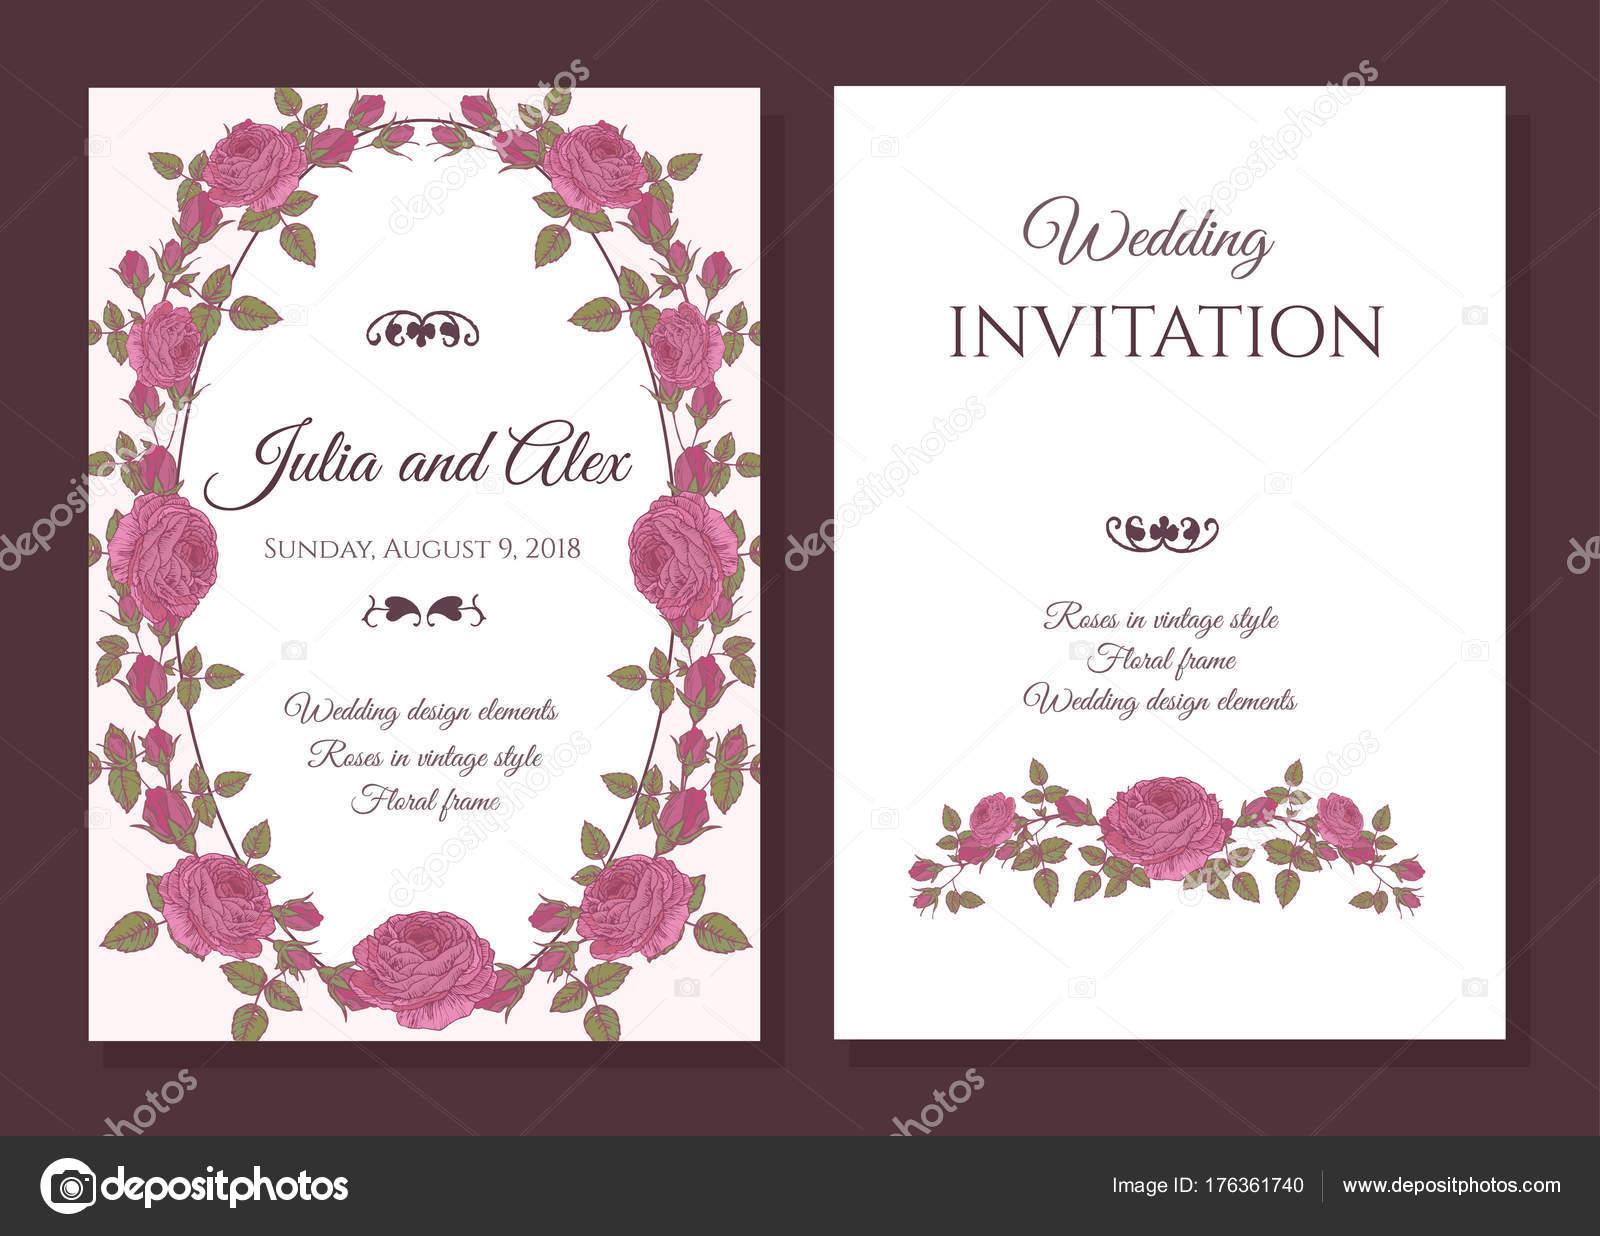 Vektor Floral Hochzeit Einladungskarte Mit Rahmen Aus Rosa Rosen